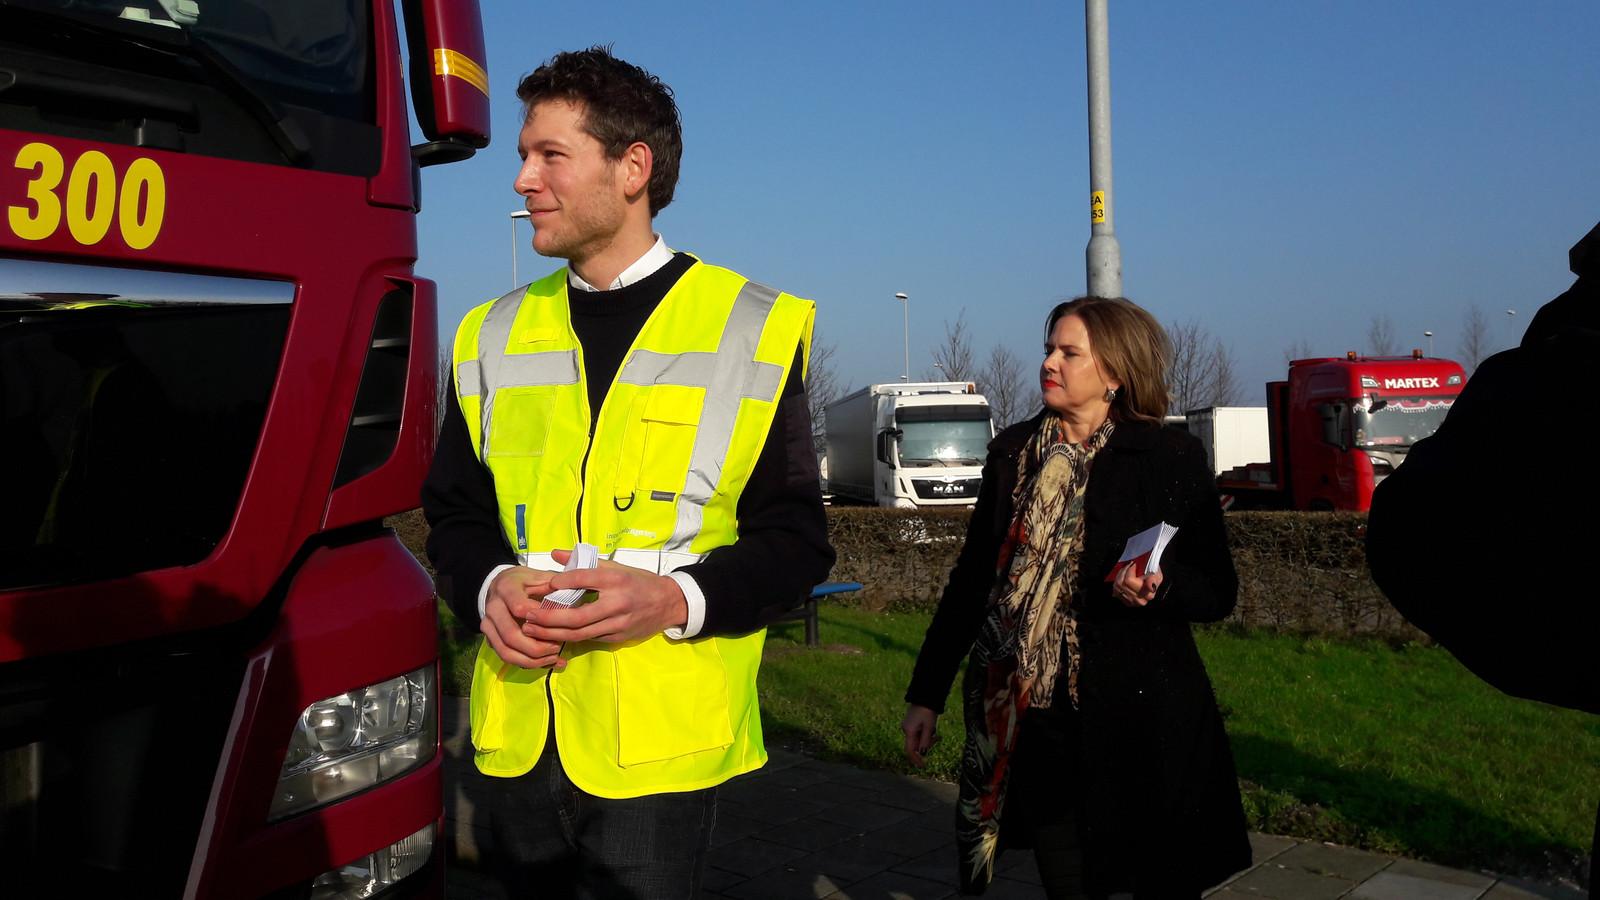 Minister van Infrastructuur en Waterstaat Cora van Nieuwenhuizen deelt met een inspecteur Leefomgeving en Transport folders uit op parkeerplaats Den Hoek langs de A16 ter hoogte van Zevenbergen.